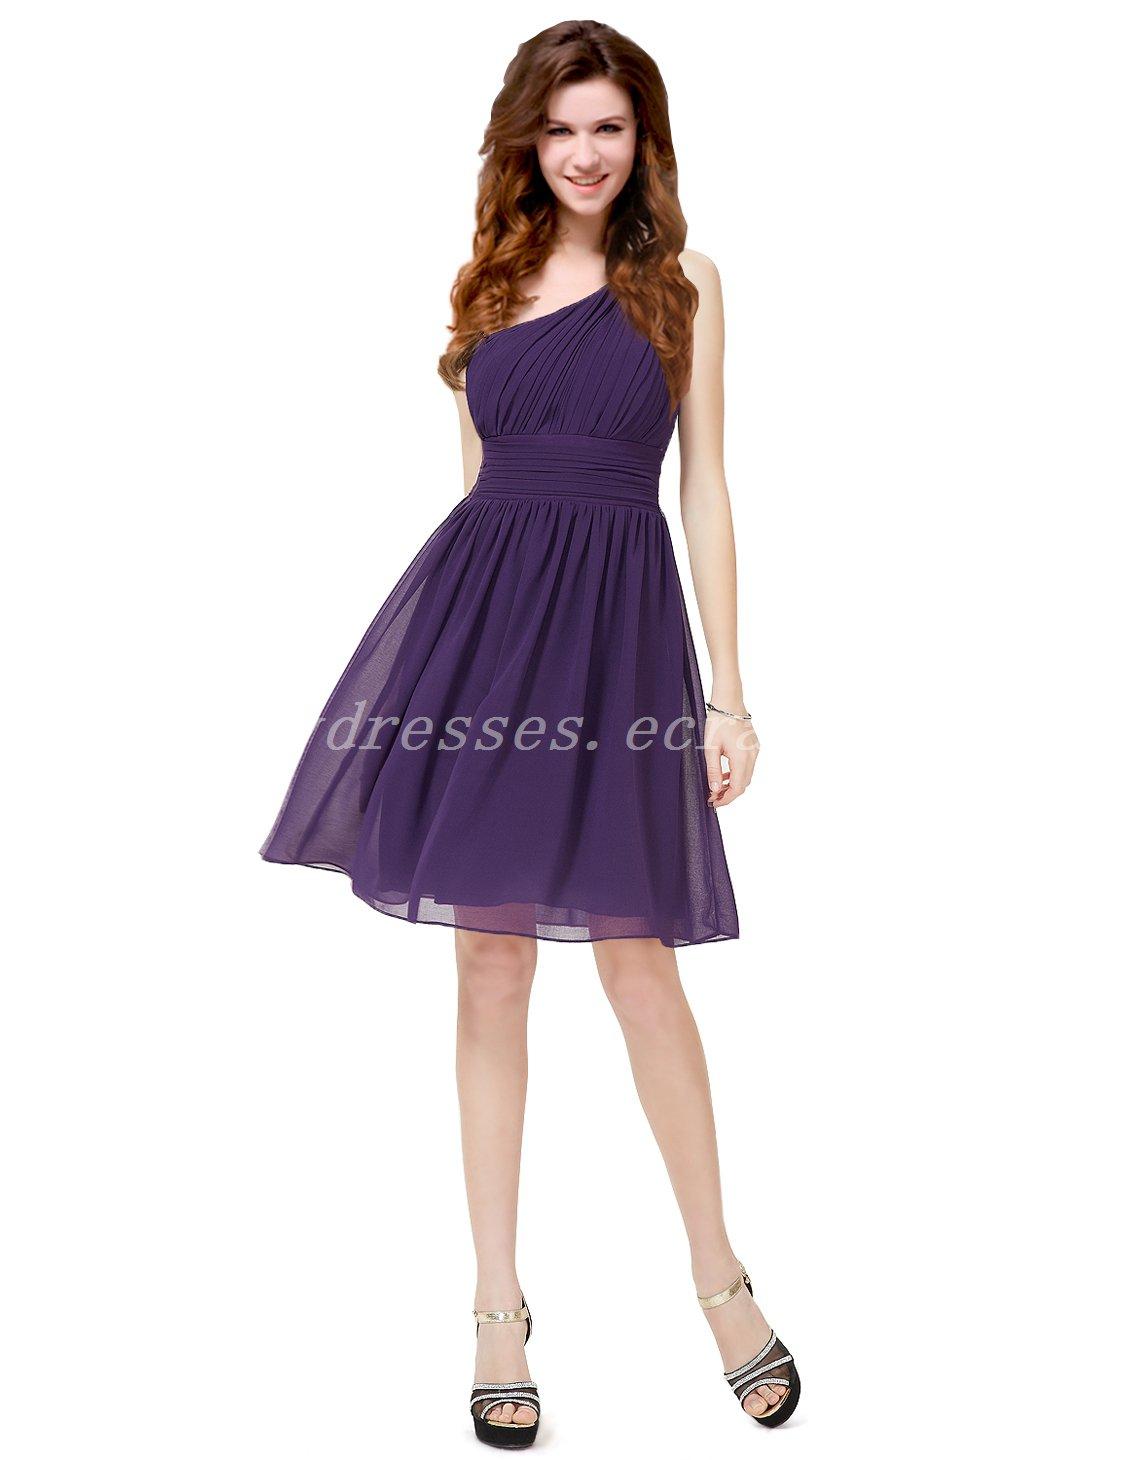 Asymmetrical One Shoulder Short Purple Bridesmaid Dresses